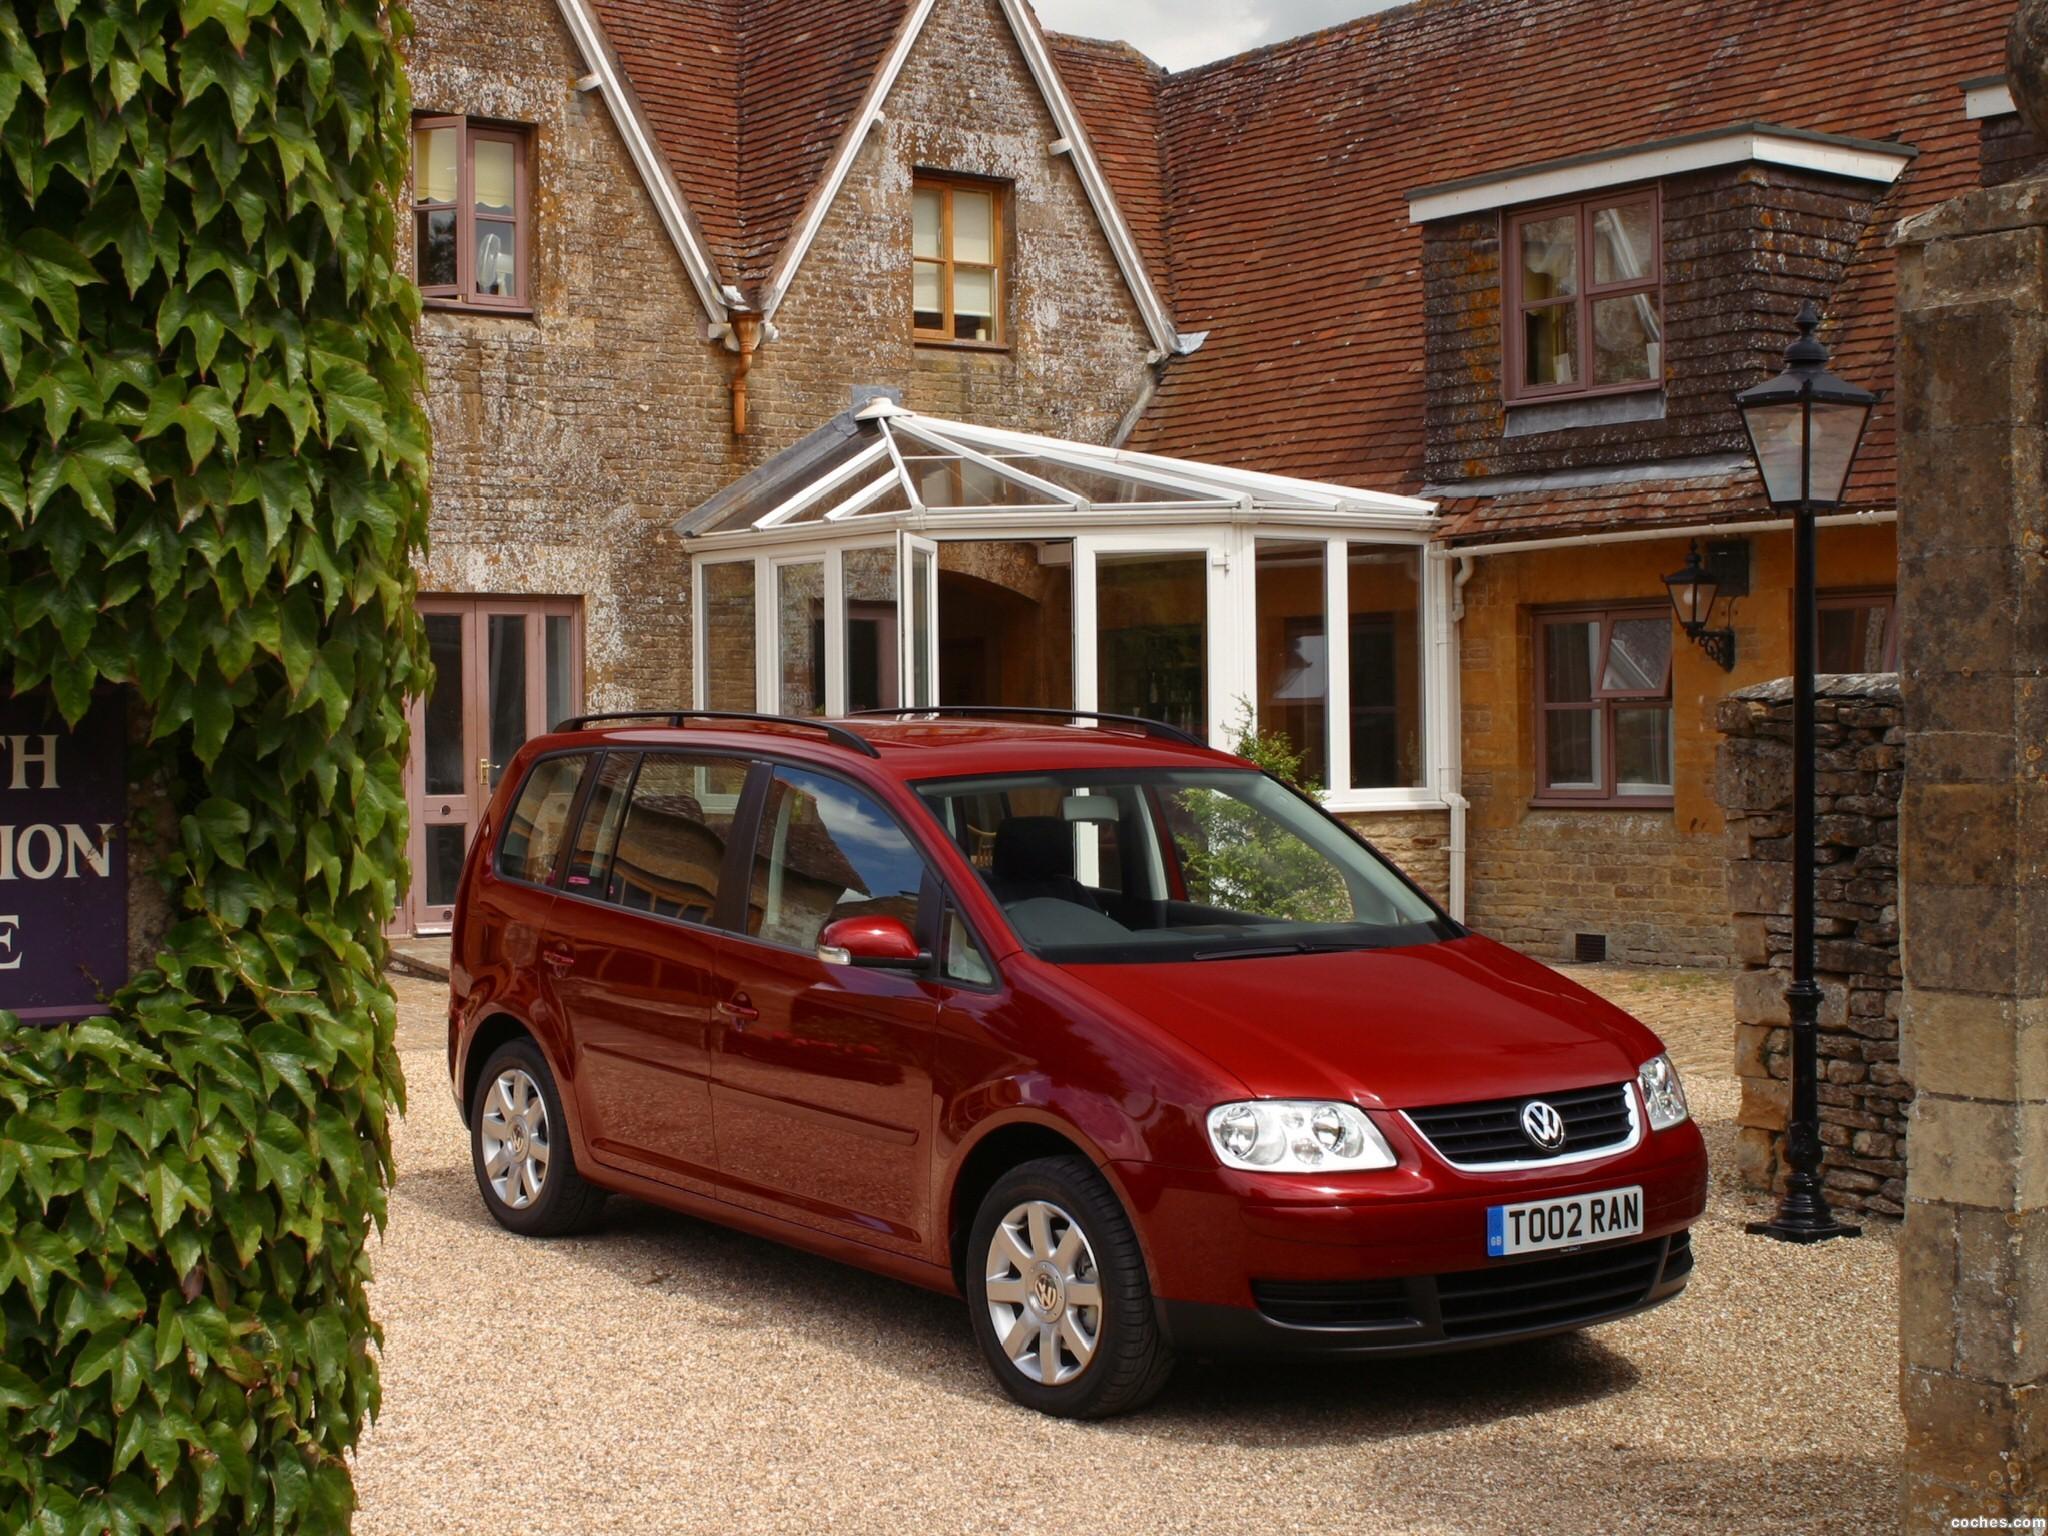 Foto 3 de Volkswagen Touran 2003